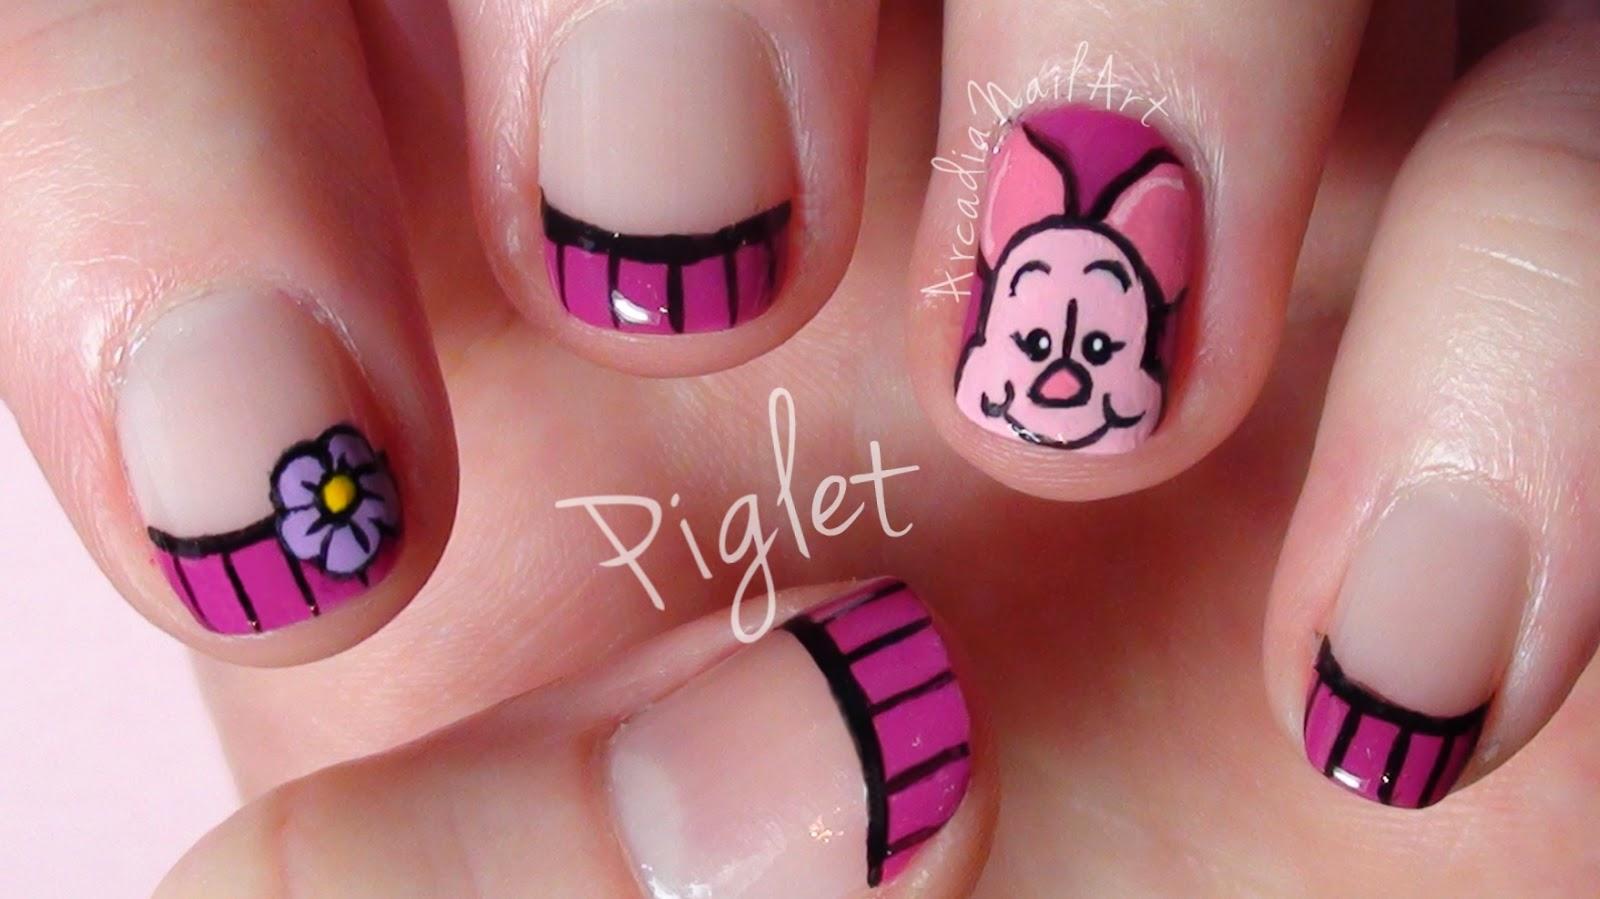 Piglet, Winnie The Pooh Nail Art